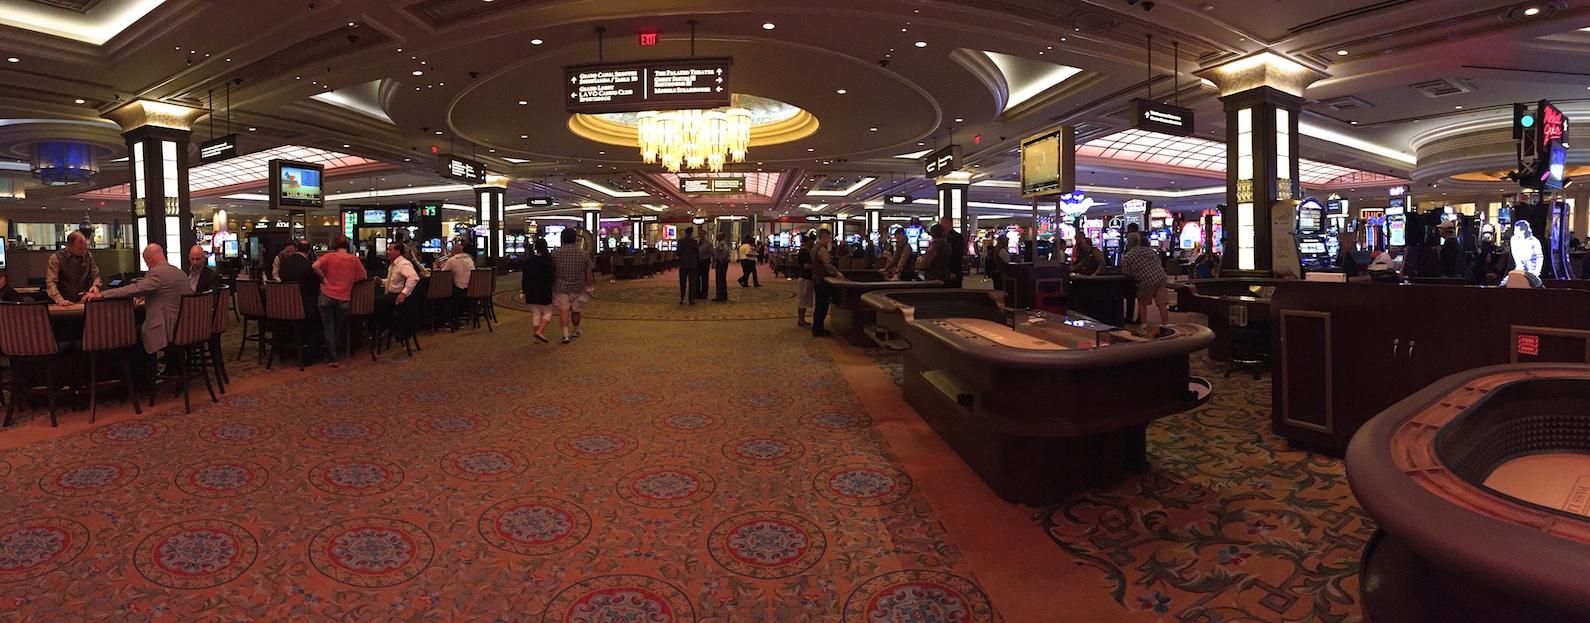 Die Casinos sind riesengrosse Spielhallen ...